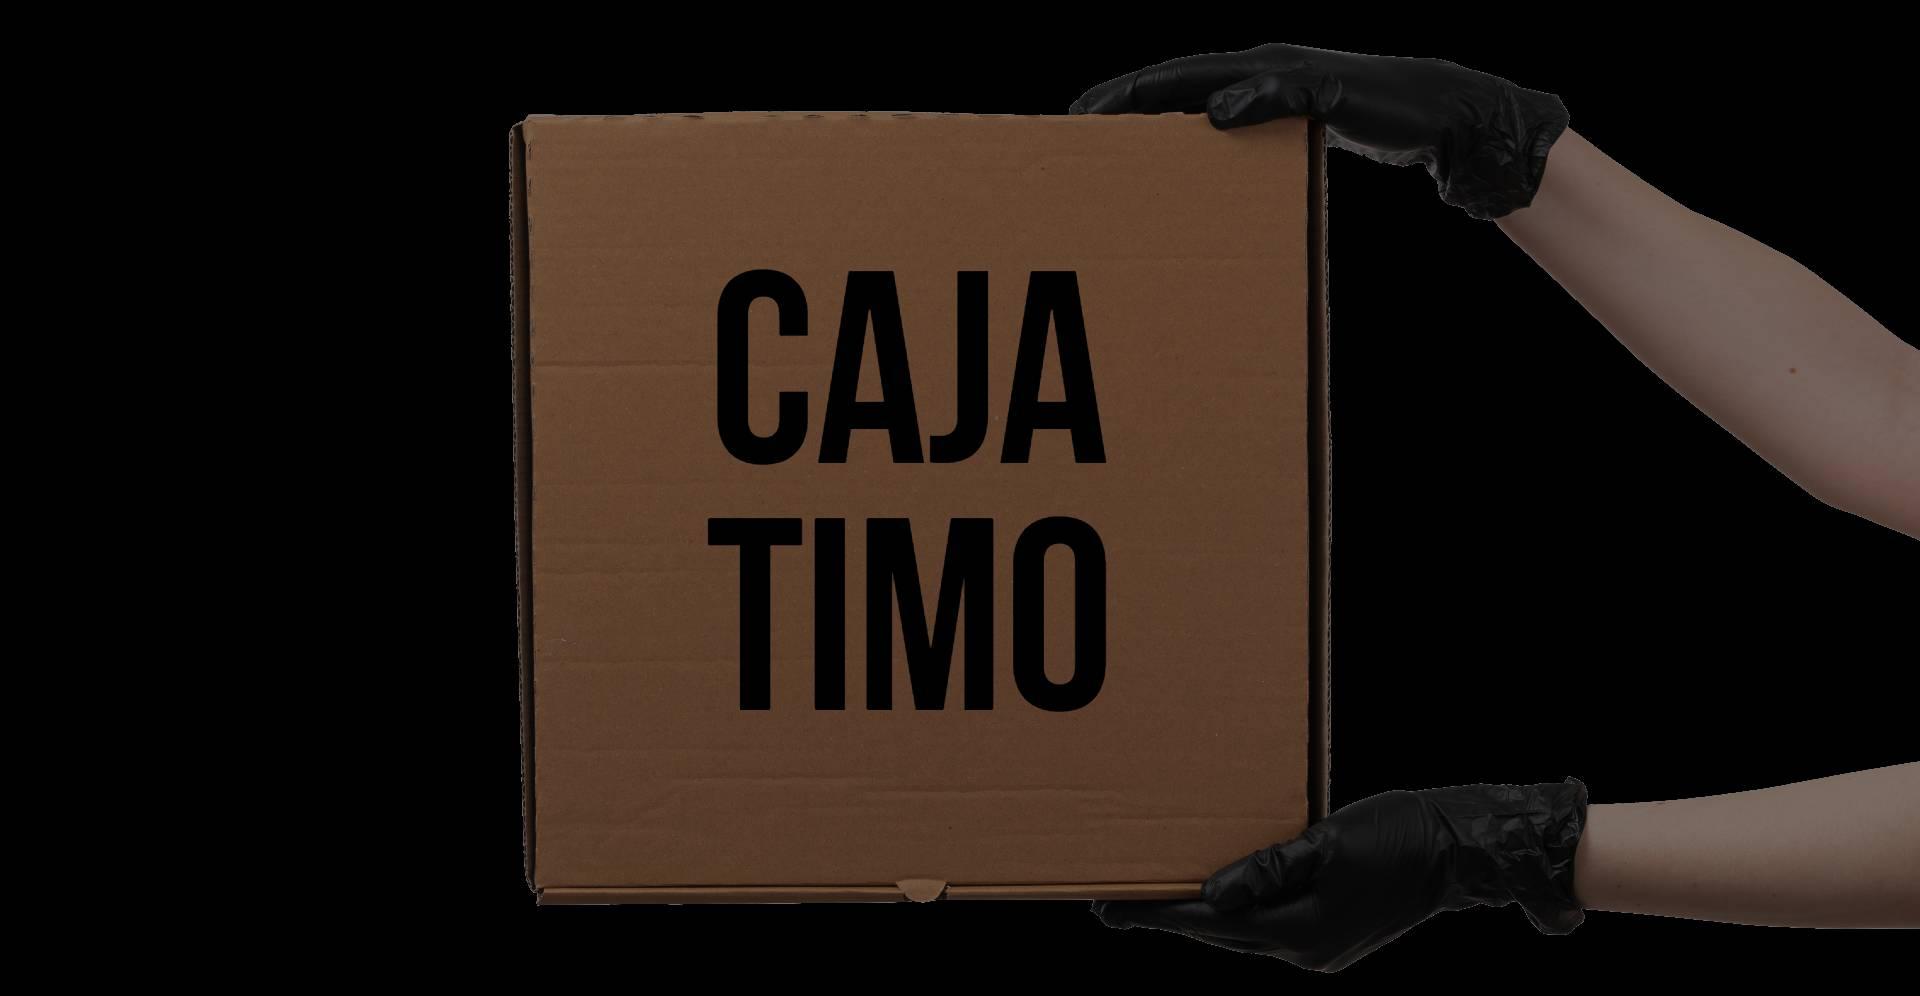 Imagen de una caja vacía de cartón cutre con el texto CAJA TIMO